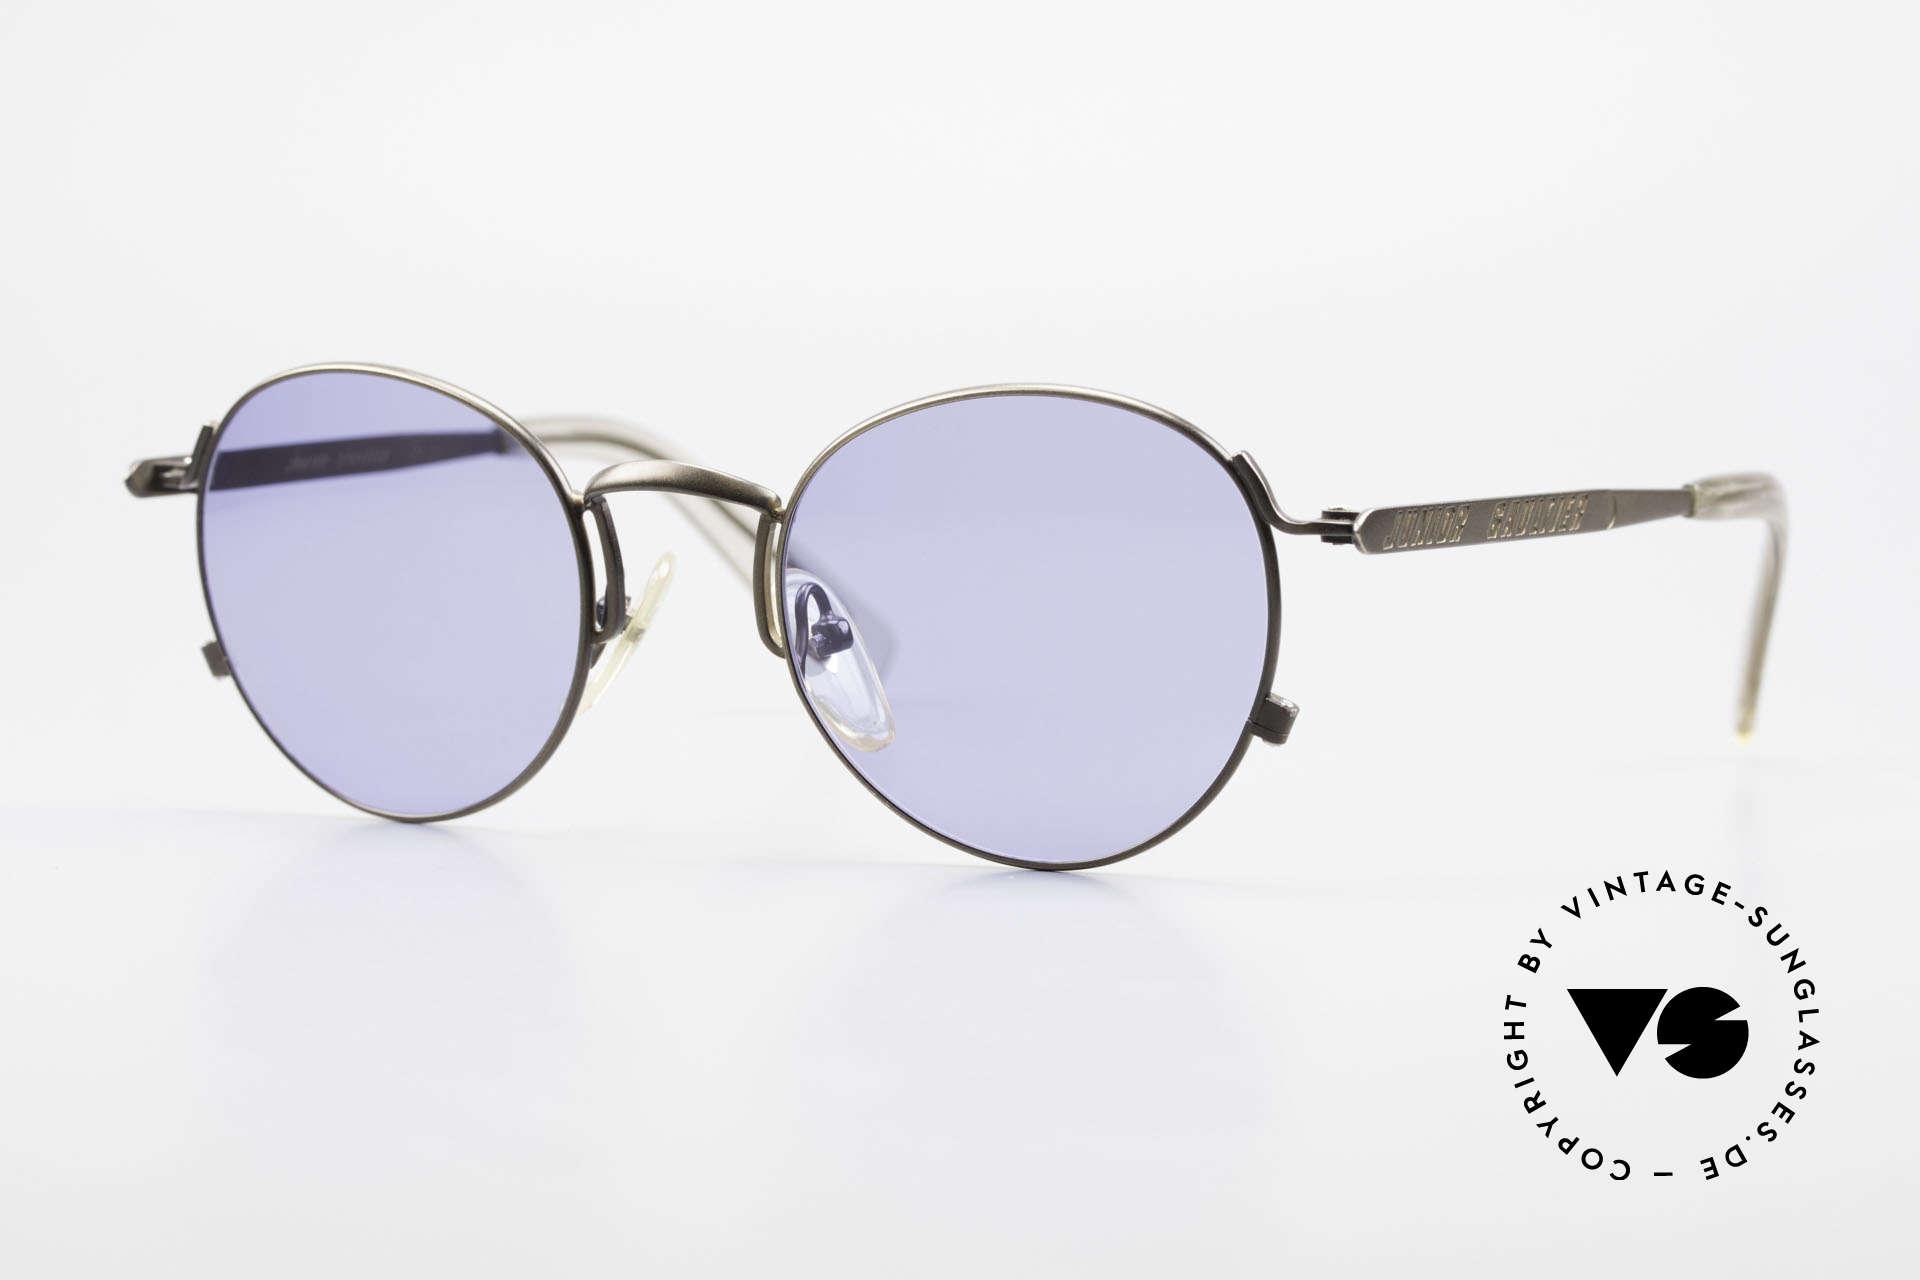 Jean Paul Gaultier 57-1171 90er Designer Sonnenbrille, enorm hochwertige J.P. Gaultier Designersonnenbrille, Passend für Herren und Damen